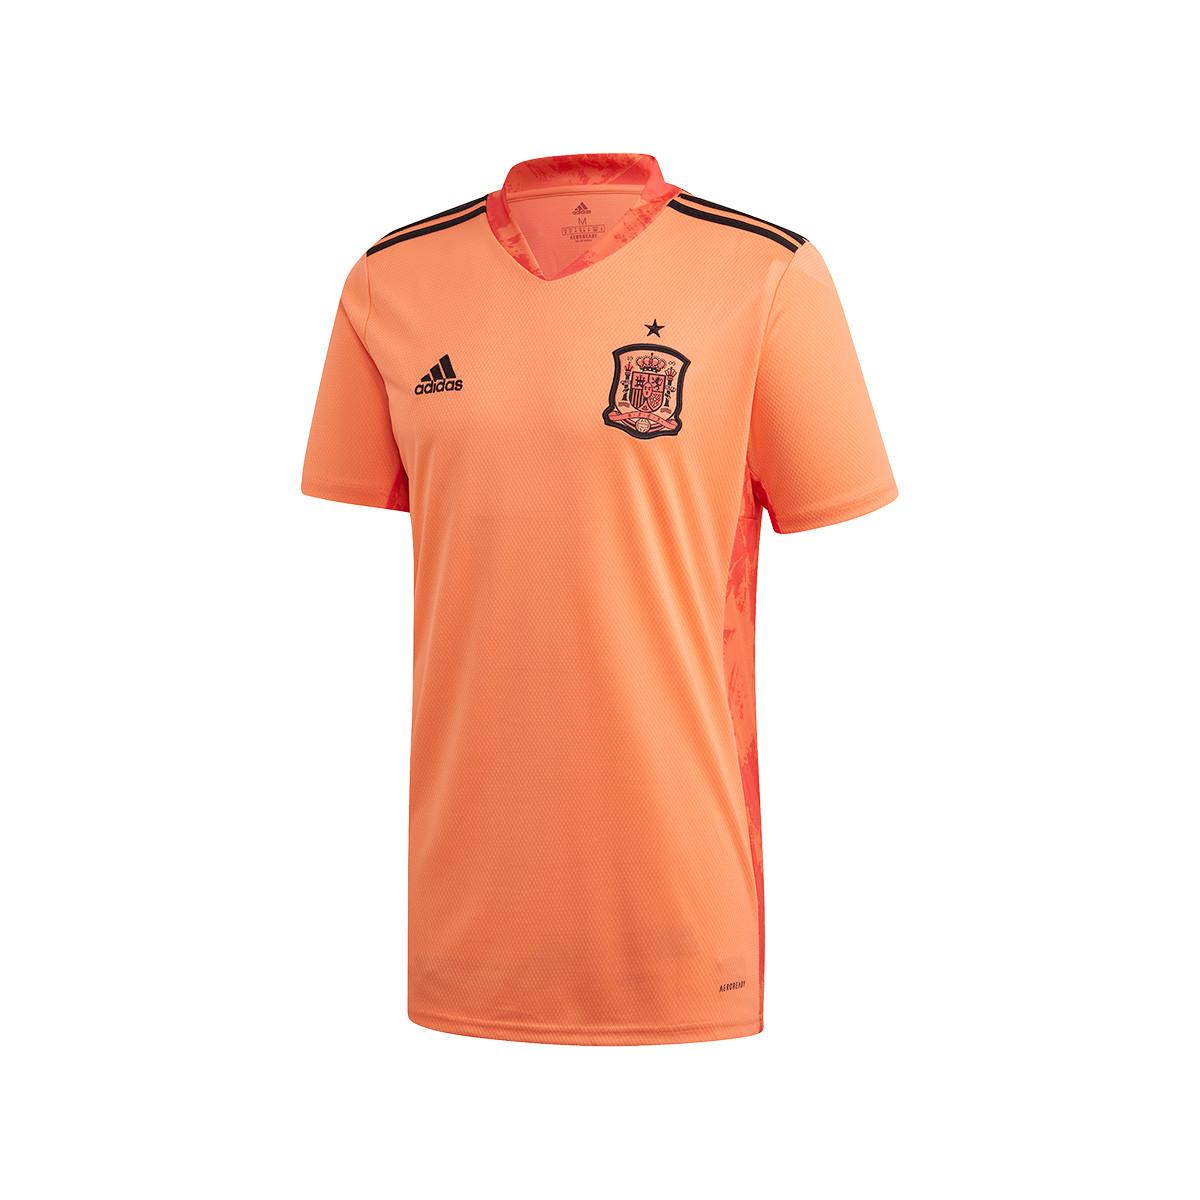 temporal Posicionar Y así  Camiseta adidas España Primera Equipación Portero 2019-2020 Easy orange -  Tienda de fútbol Fútbol Emotion